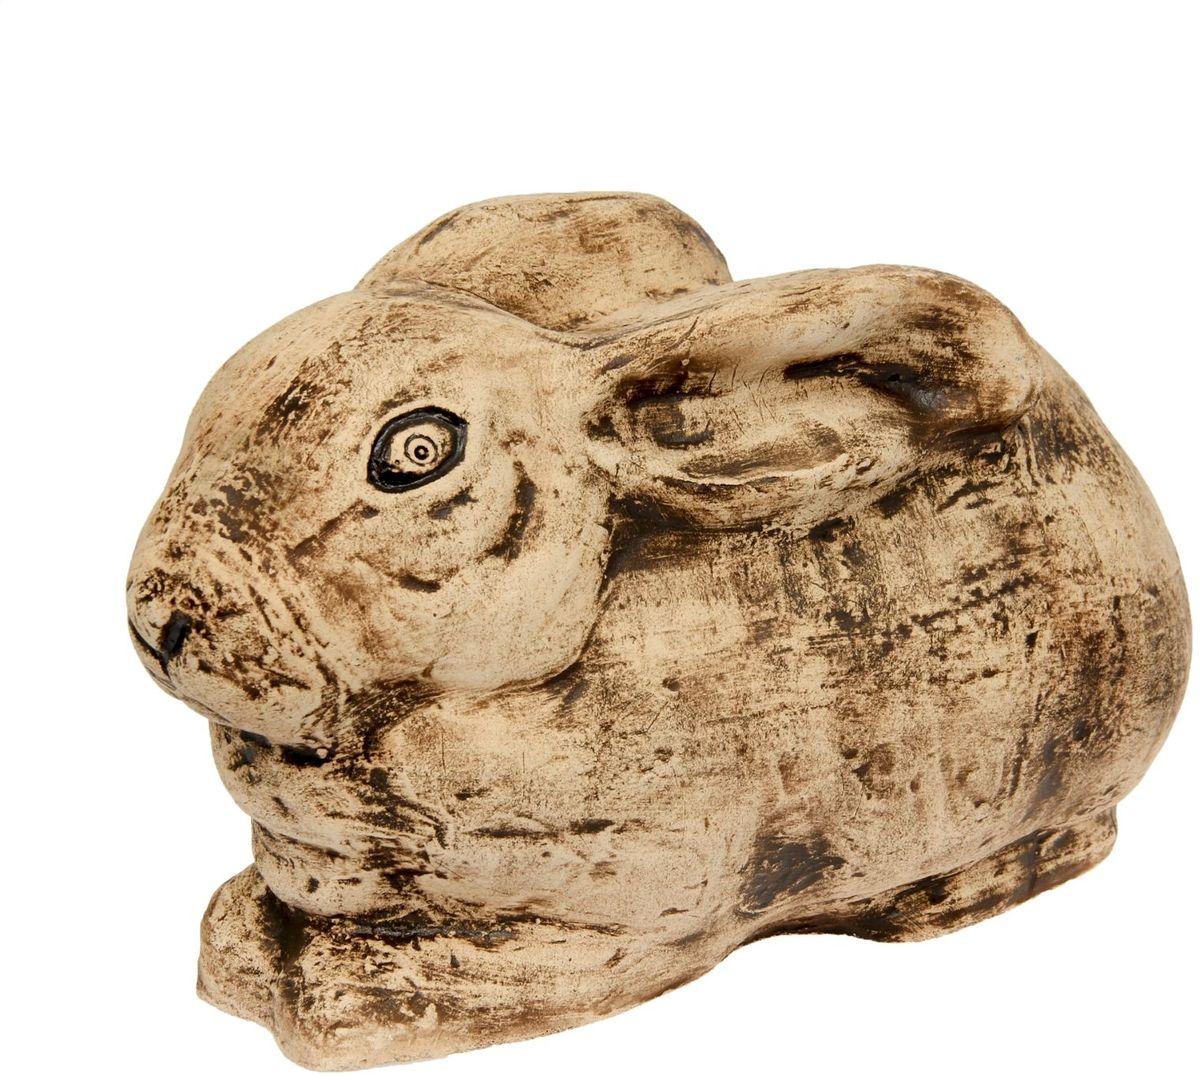 Фигура садовая Керамика ручной работы Кролик, 52 х 27 х 30 см531-402Садовая фигура Кролик шамот - маленький помощник в создании неповторимого декора садового или дачного участка. Оригинальная форма изделия станет &laquo изюминкой&raquoпространства, достойным дополнением ландшафтного творчества. Фигура выполнена исключительно из природных материалов, а именно &ndashшамотной глины, которая делает его: абсолютно нетоксичным, устойчивым к воздействию окружающей среды (морозостойкий), устойчивым к изменению цвета и структуры (не шелушится и не облезает).При декорировании горшка используются только качественные пигменты. Процесс обжига глины проходит в 2 этапа: утилитный (900 градусов) с последующим декорированием и политой (1100 градусов), придающим изделию необходимую крепость.